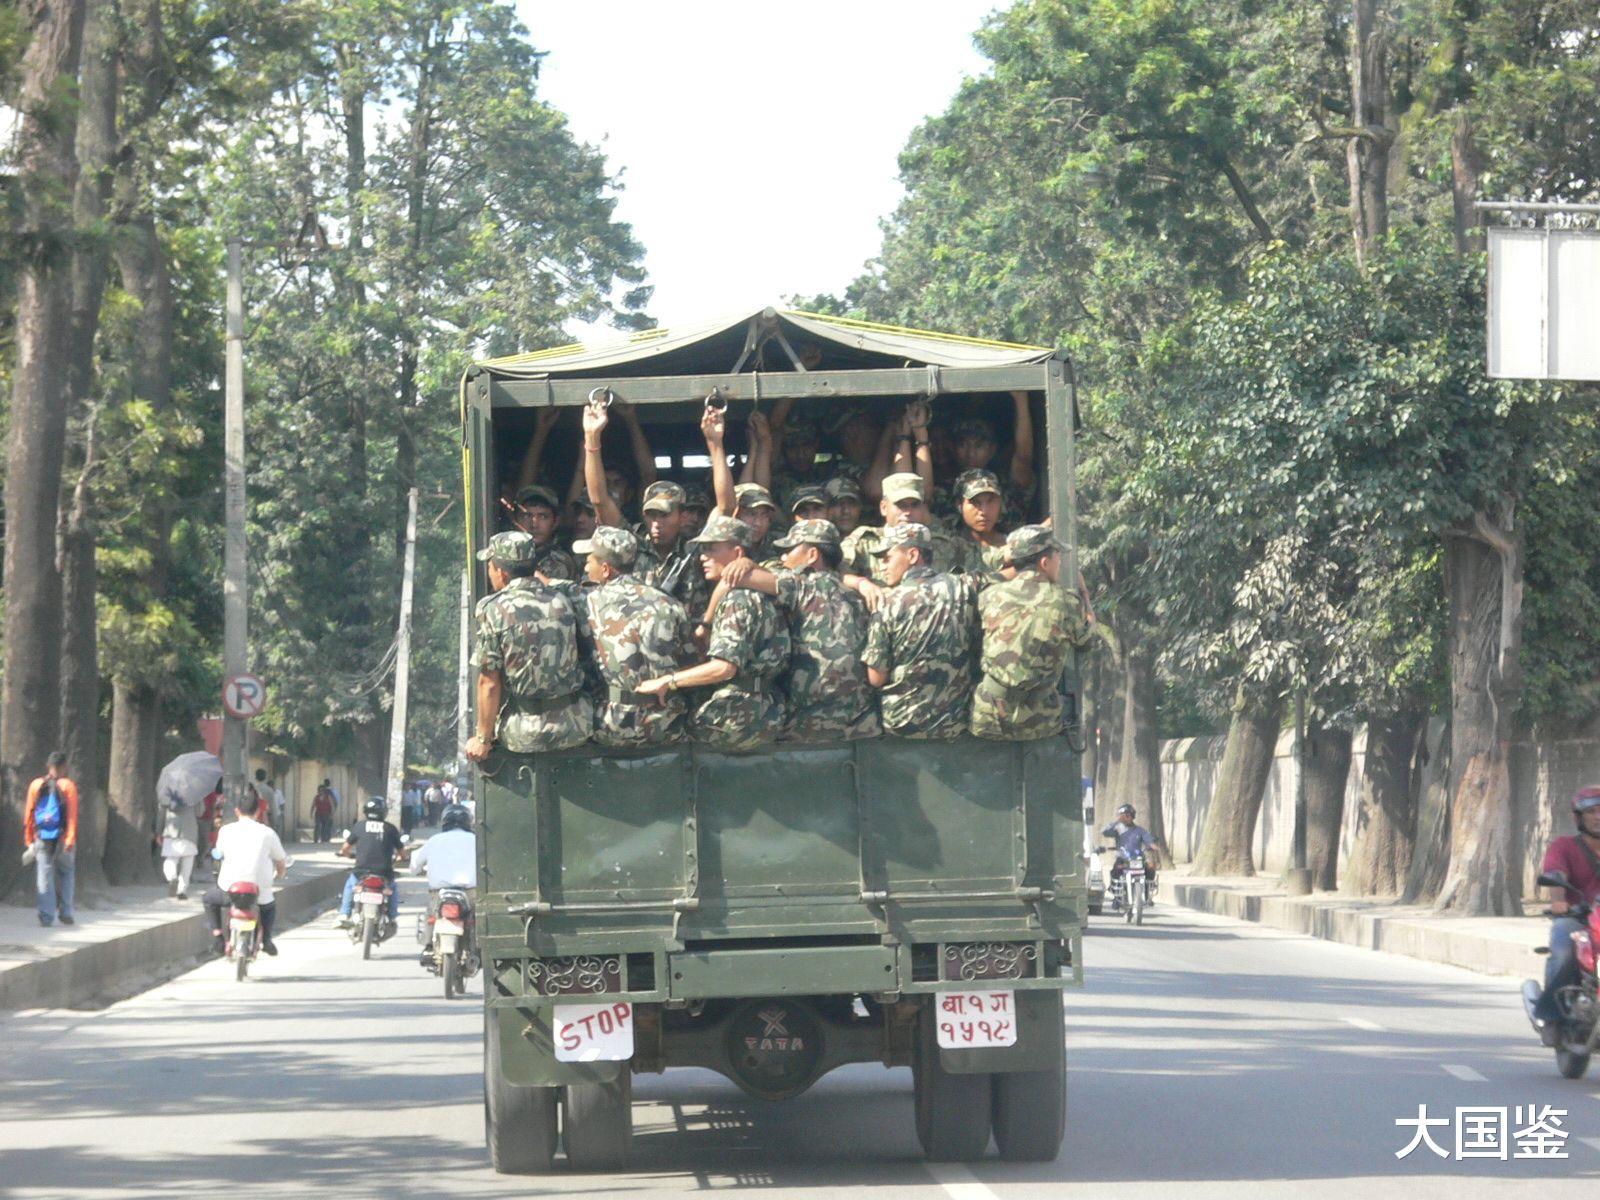 尼泊尔开辟战略通道,向边境运送大批部队,印度:谁给的胆子?